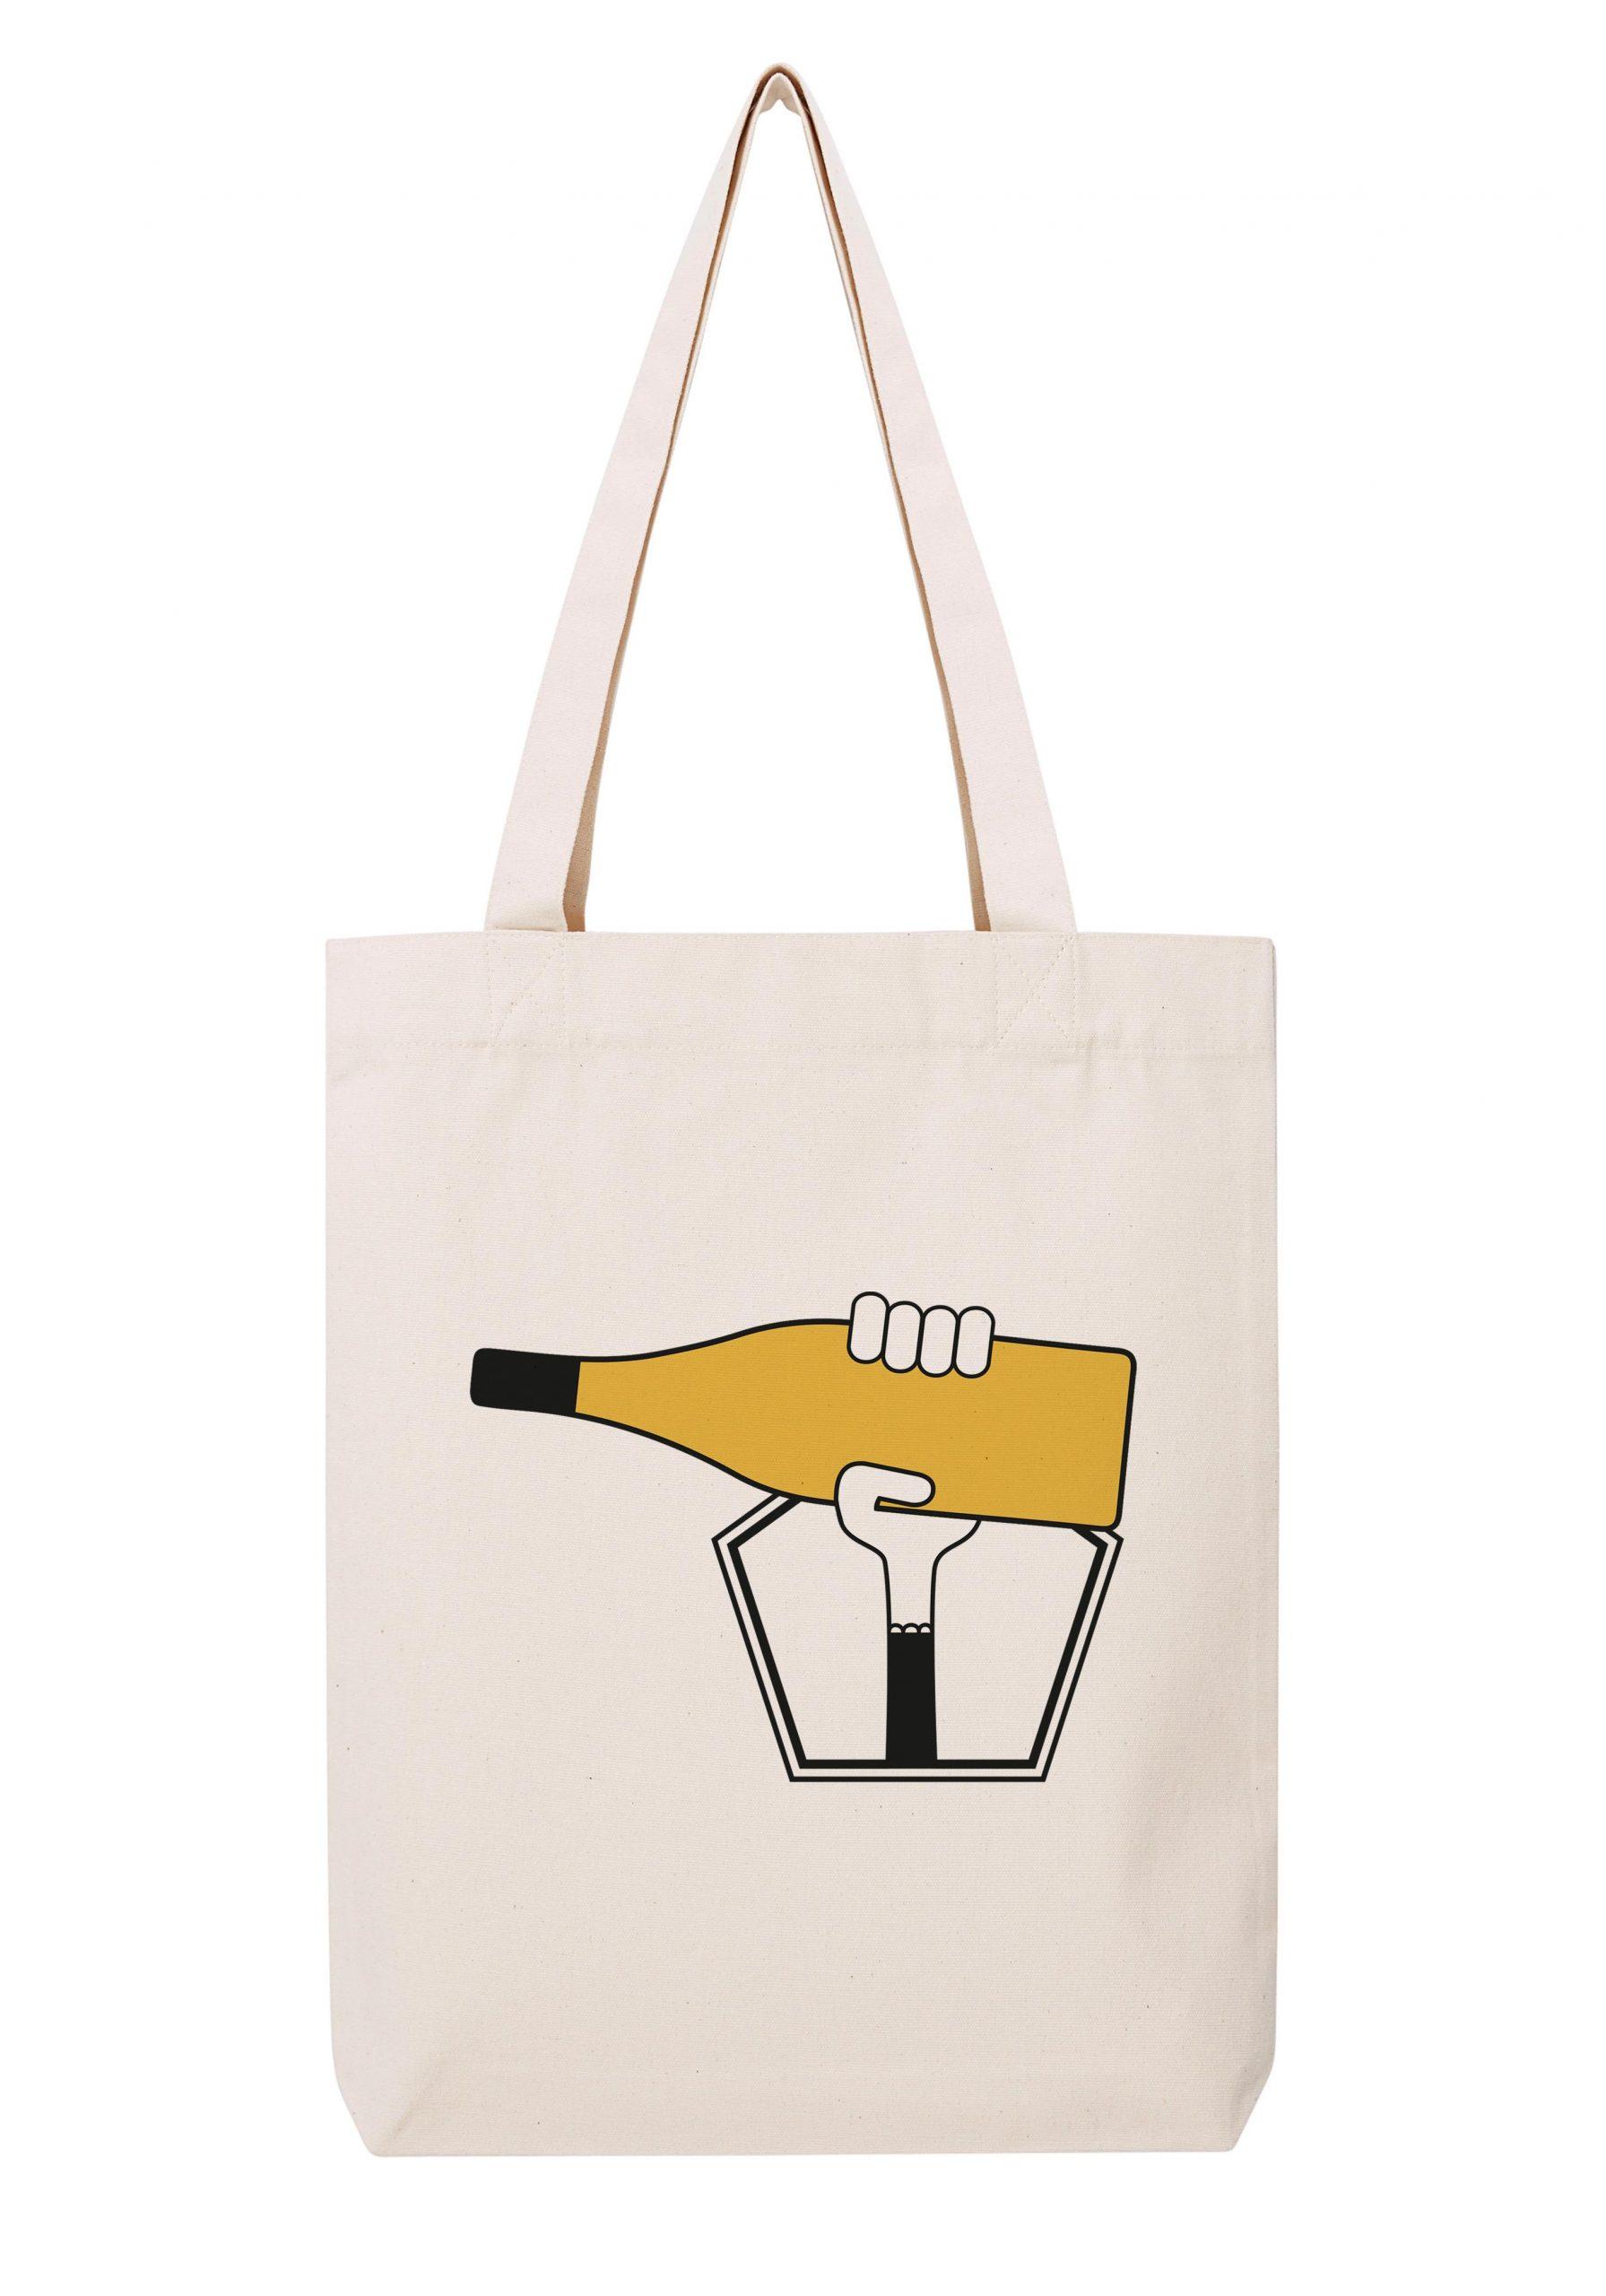 bourgogne chablis femme sac coton tote bag bio bocavi du vin dans ta penderie bouteilles viticole vigneron wine